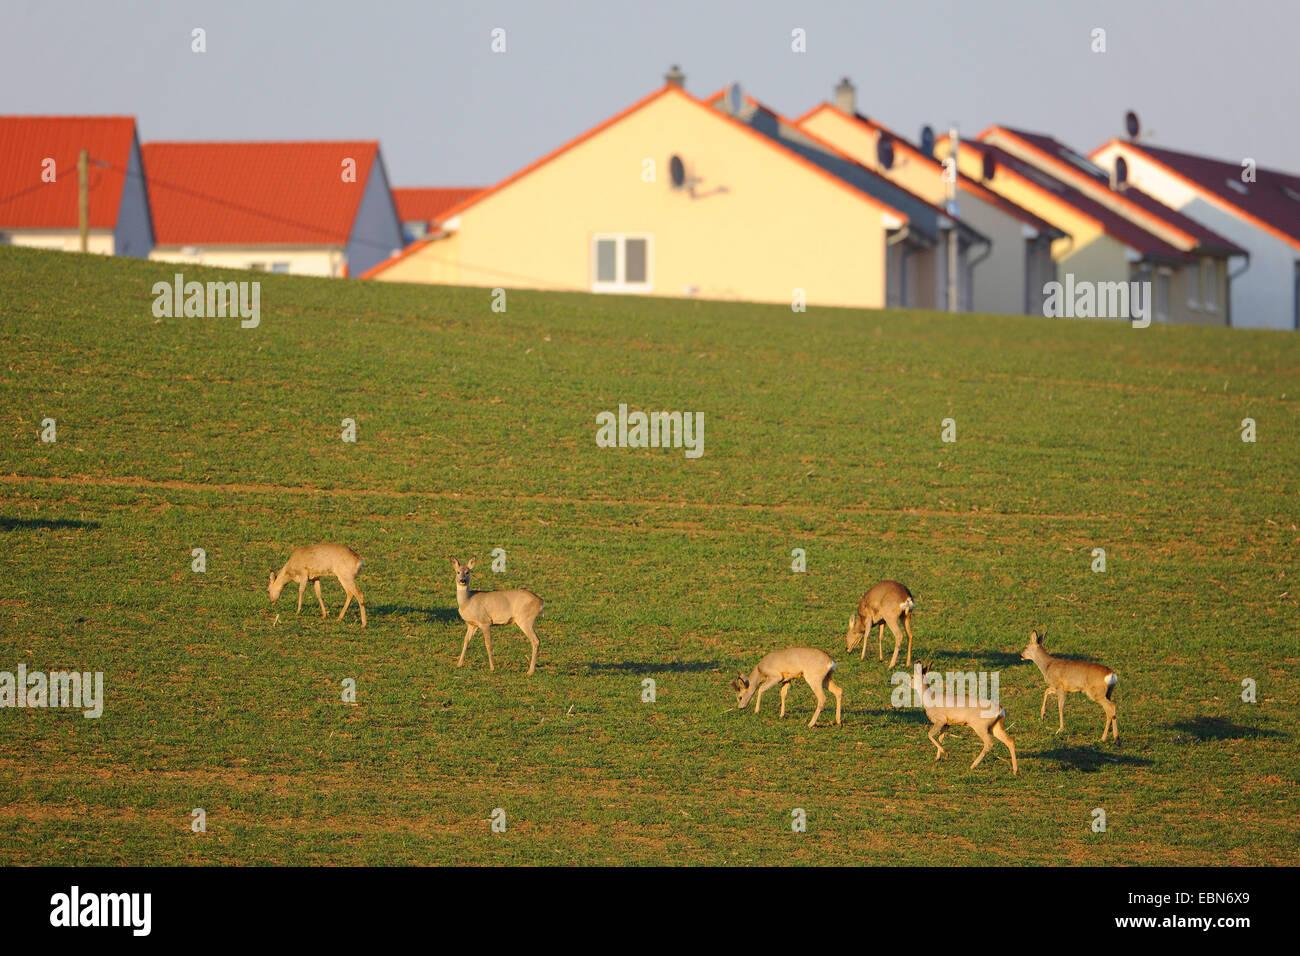 Il capriolo (Capreolus capreolus), diversi cervi pn un campo in vicinanza di una zona residenziale, Germania Immagini Stock